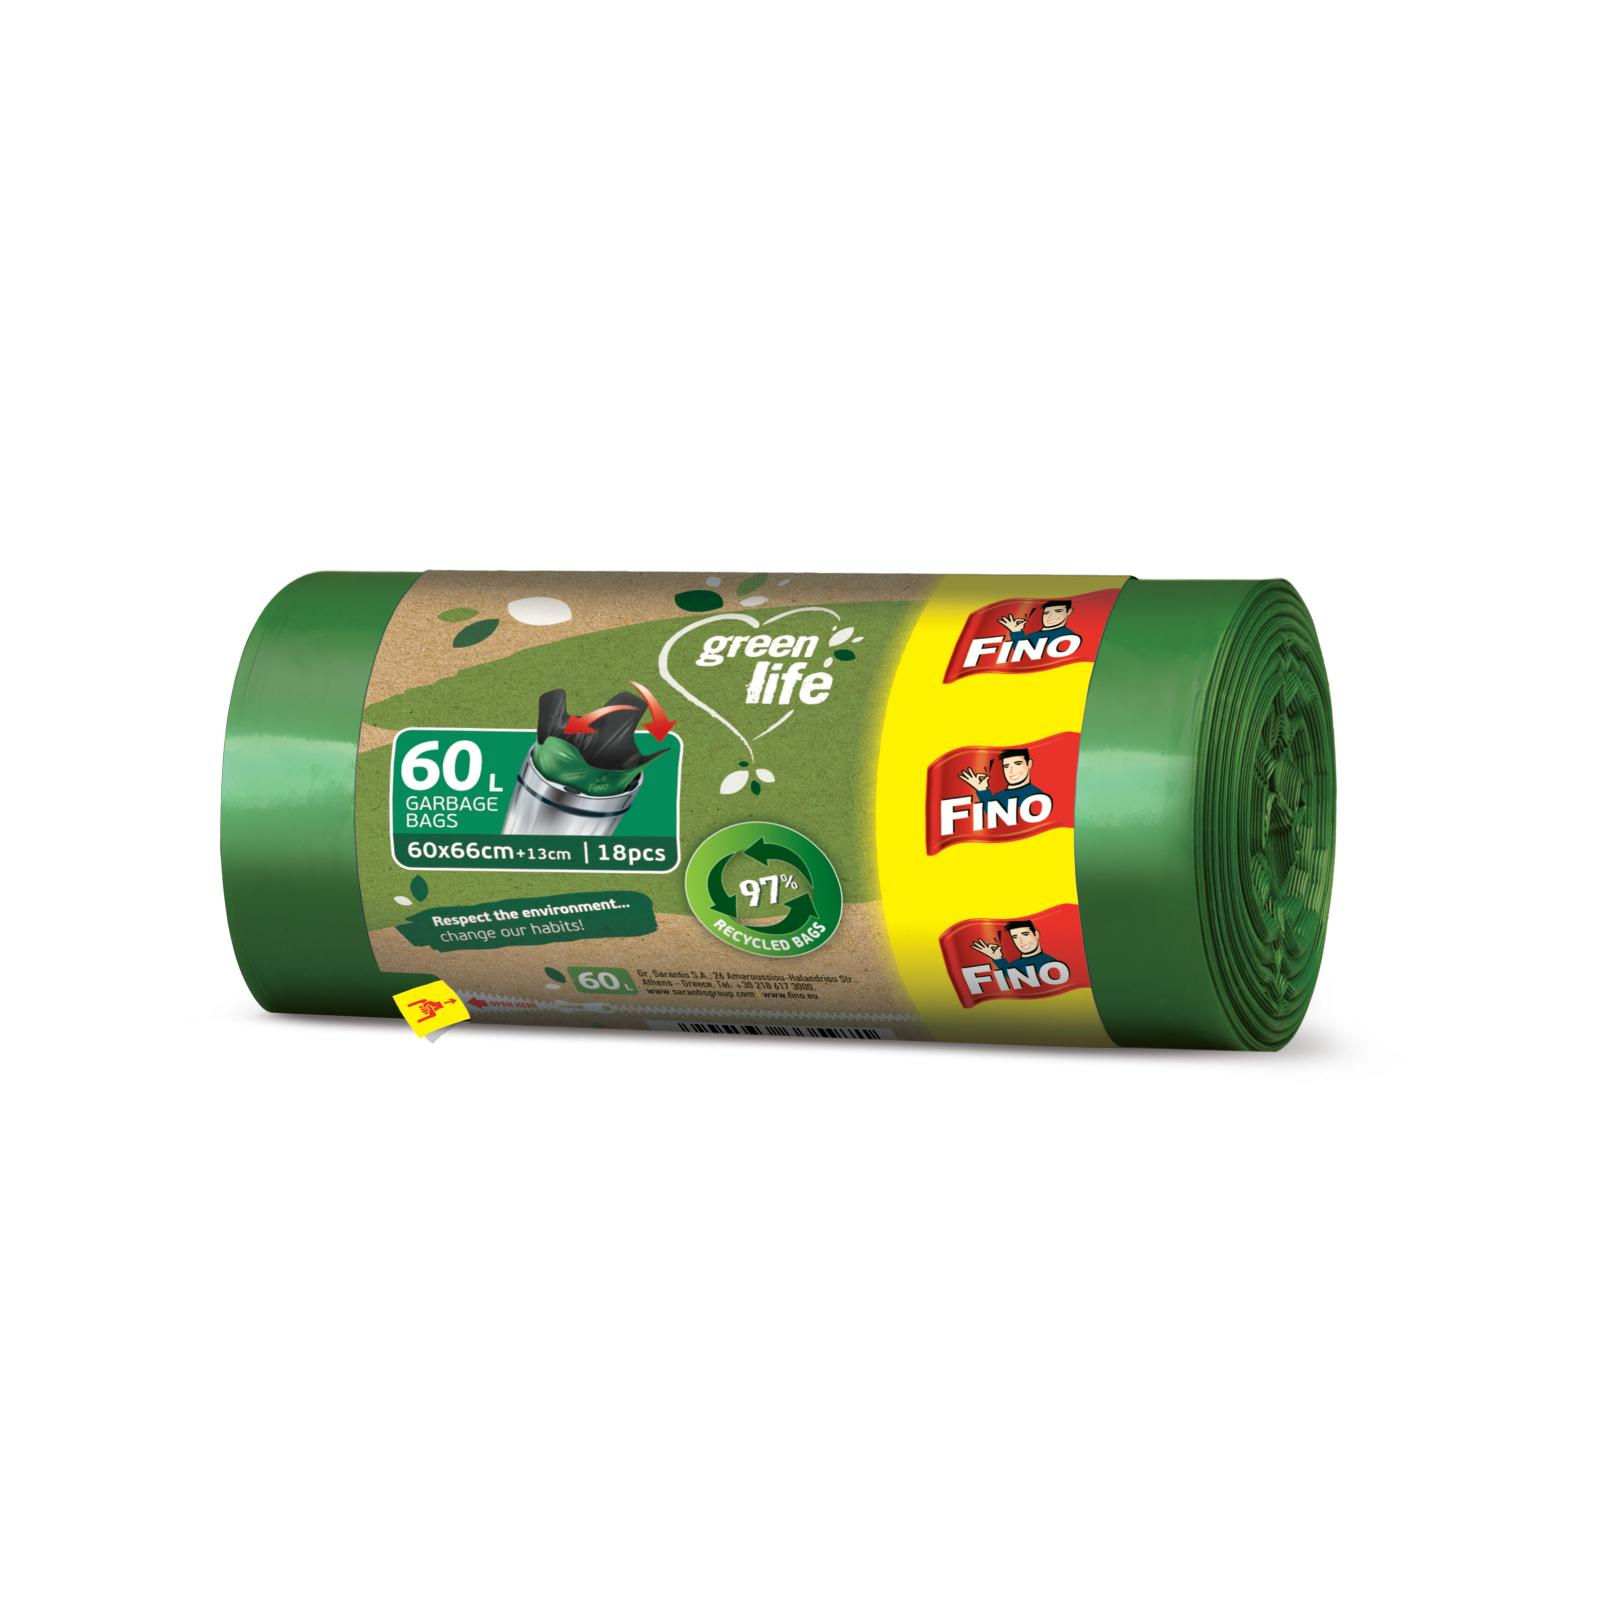 FINO LD Pytle Green Life Easy pack 60l 18 ks